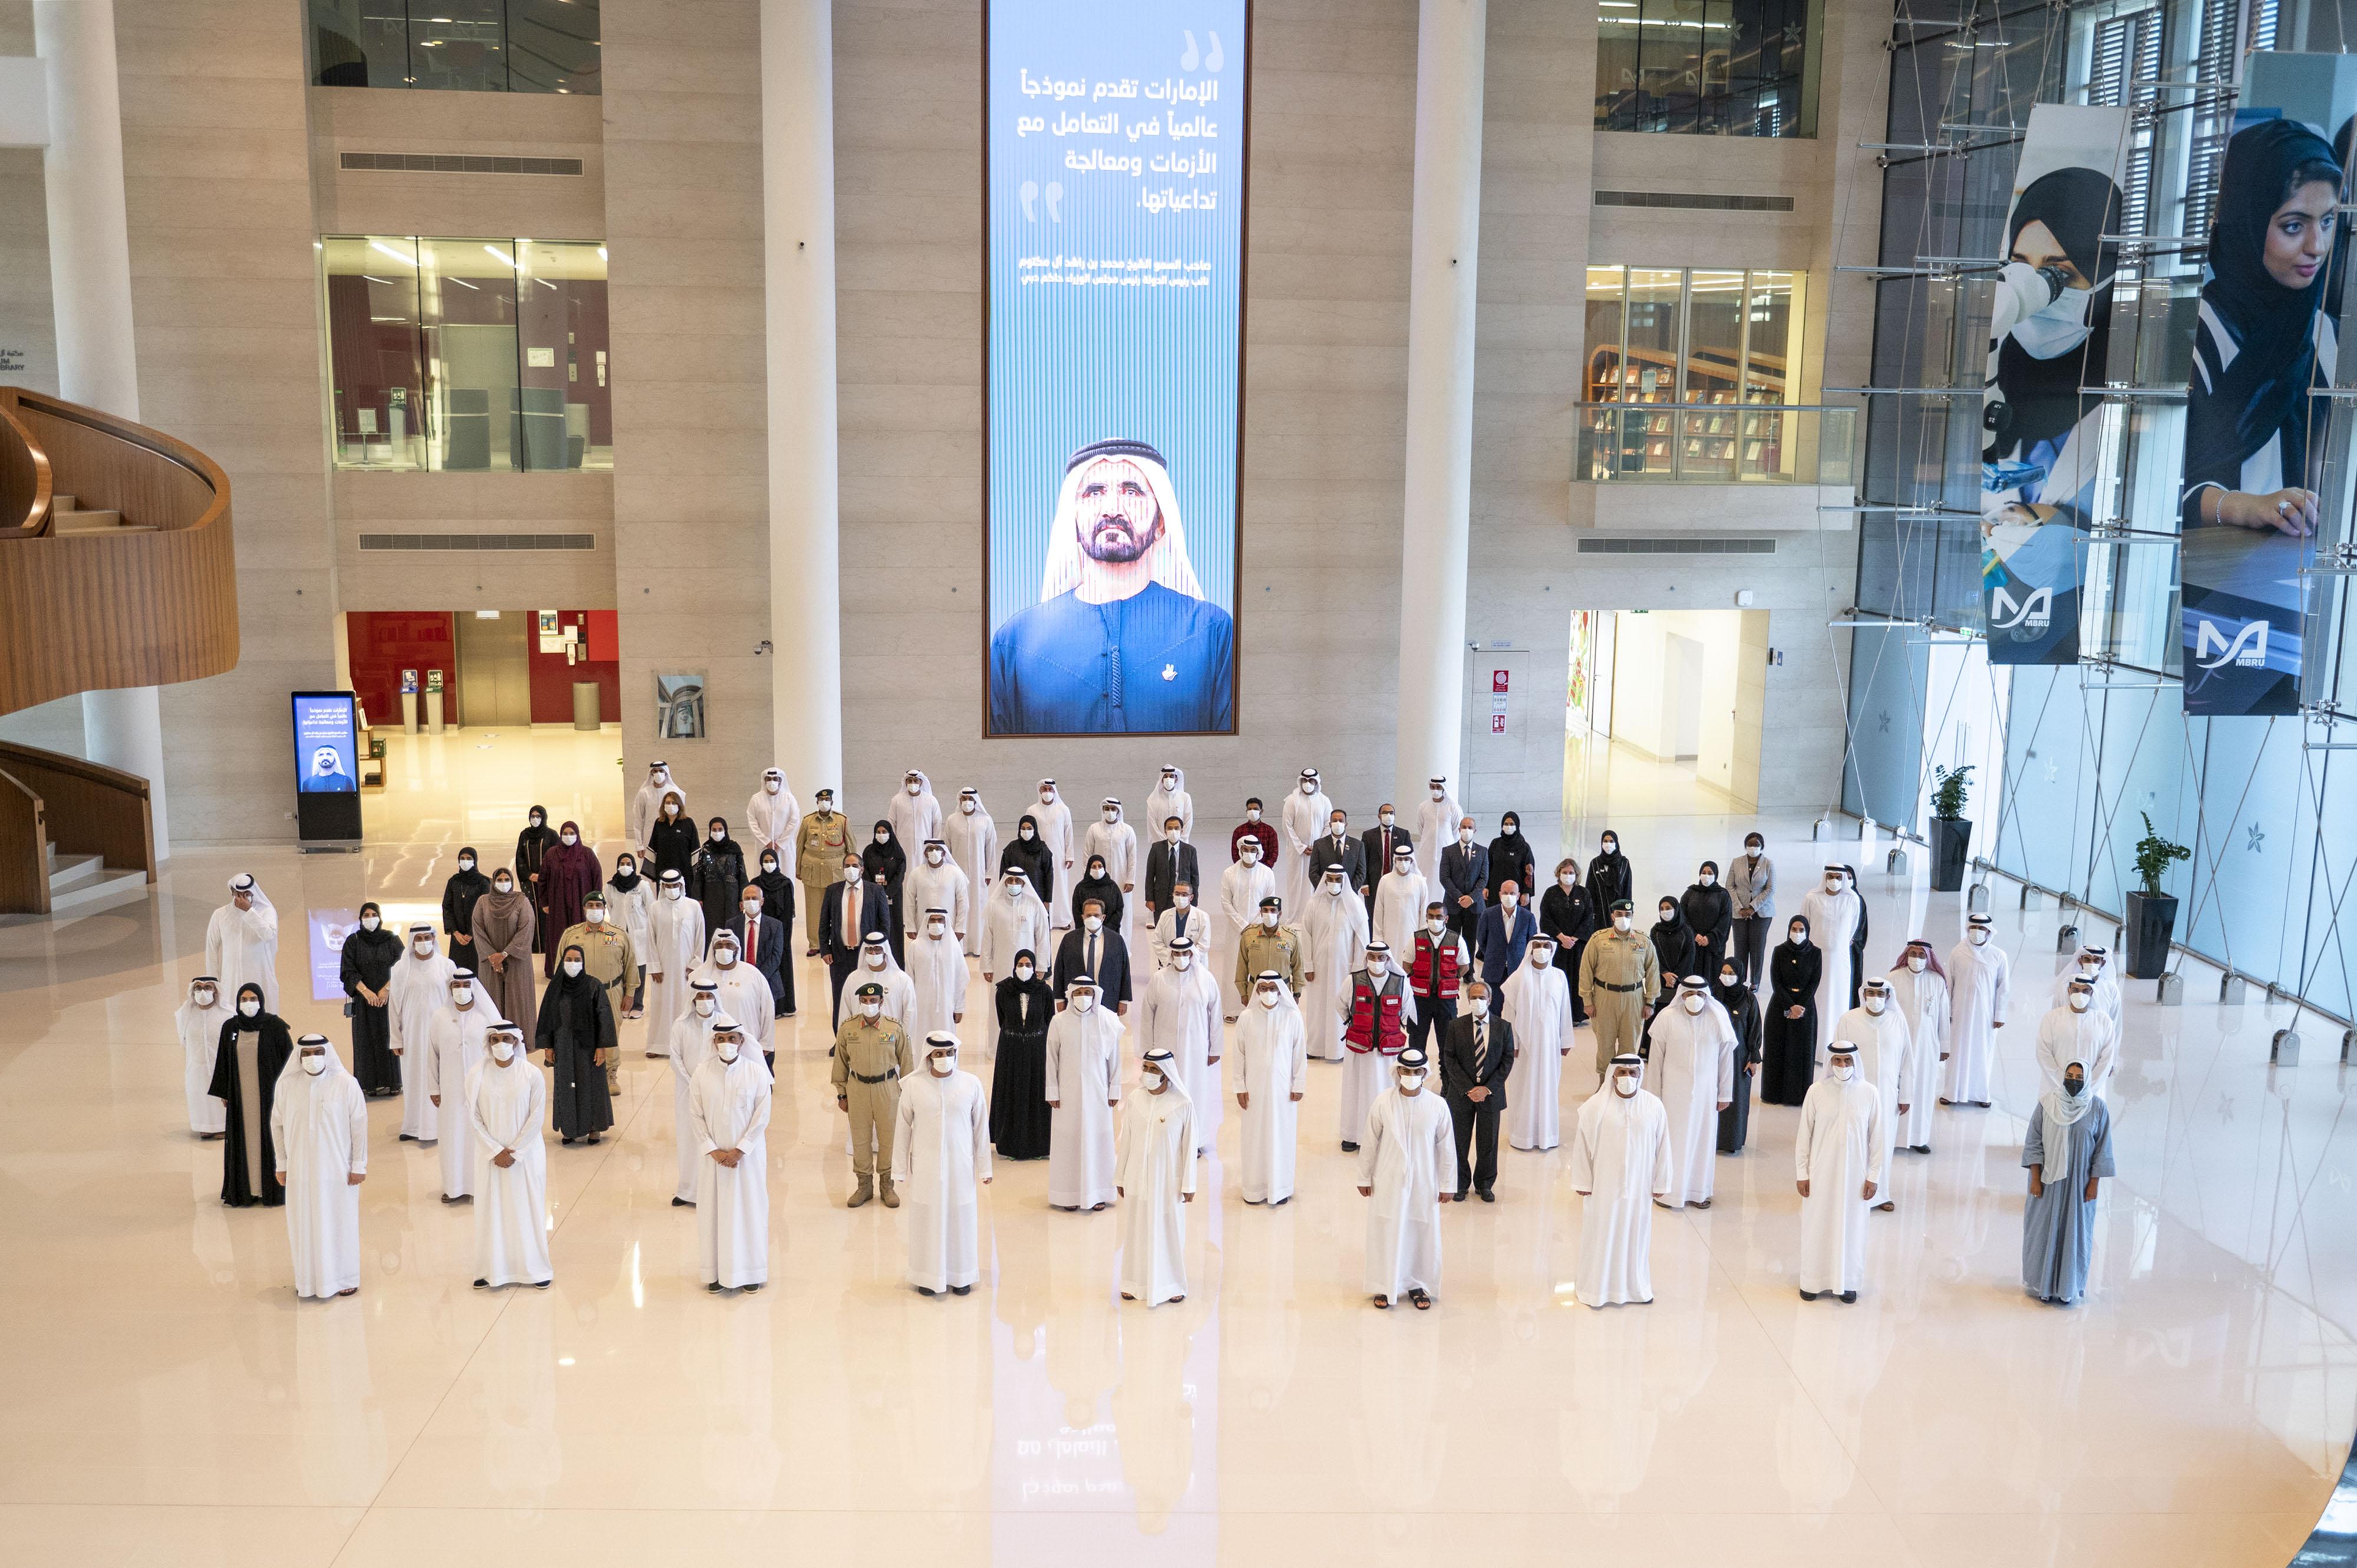 صاحب السمو الشيخ محمد بن راشد آل مكتوم - محمد بن راشد يلتقي الفرق الحكومية المعنية بمكافحة كوفيد-19